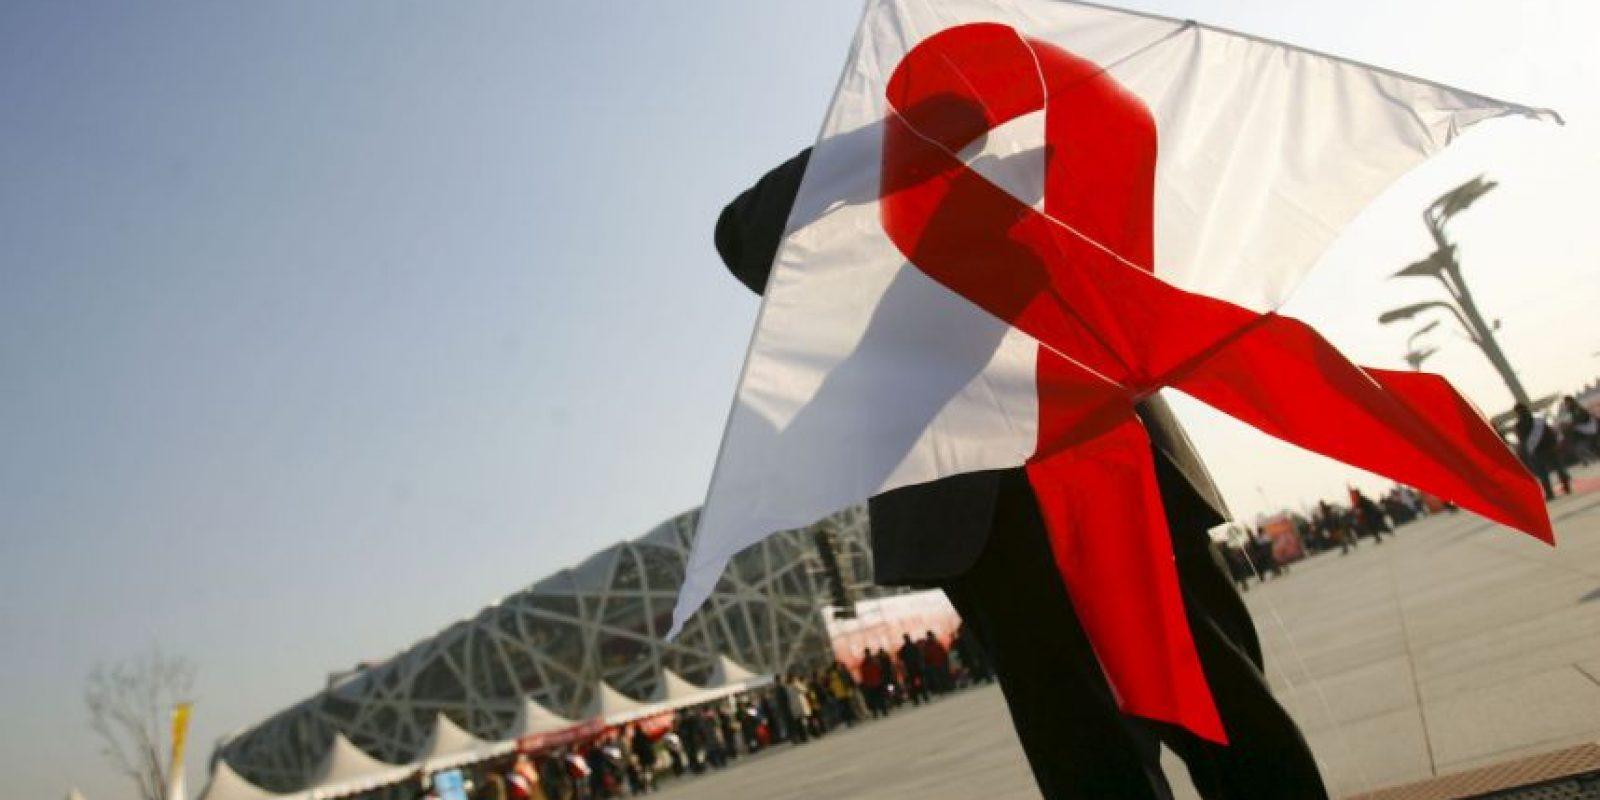 De acuerdo a ONU SIDA, 1.6 millones de personas vivían con VIH en América Latina en 2013 Foto:Getty Images